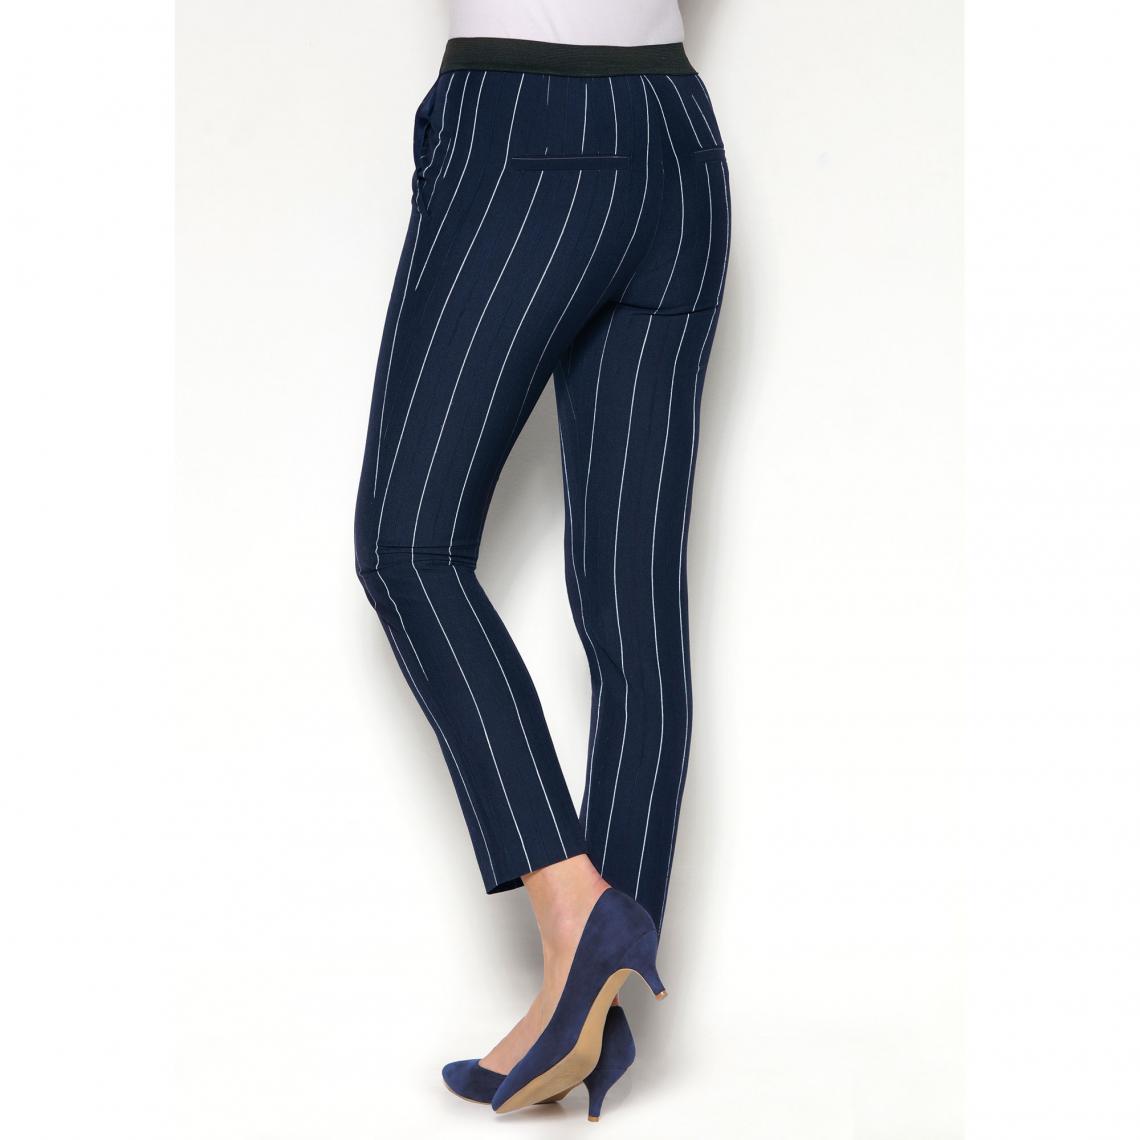 3ad8d3d0d74a7 Pantalons imprimés femme 3 Suisses Cliquez l image pour l agrandir. Pantalon  rayé taille élastique poches et pinces dos femme exclusivité ...